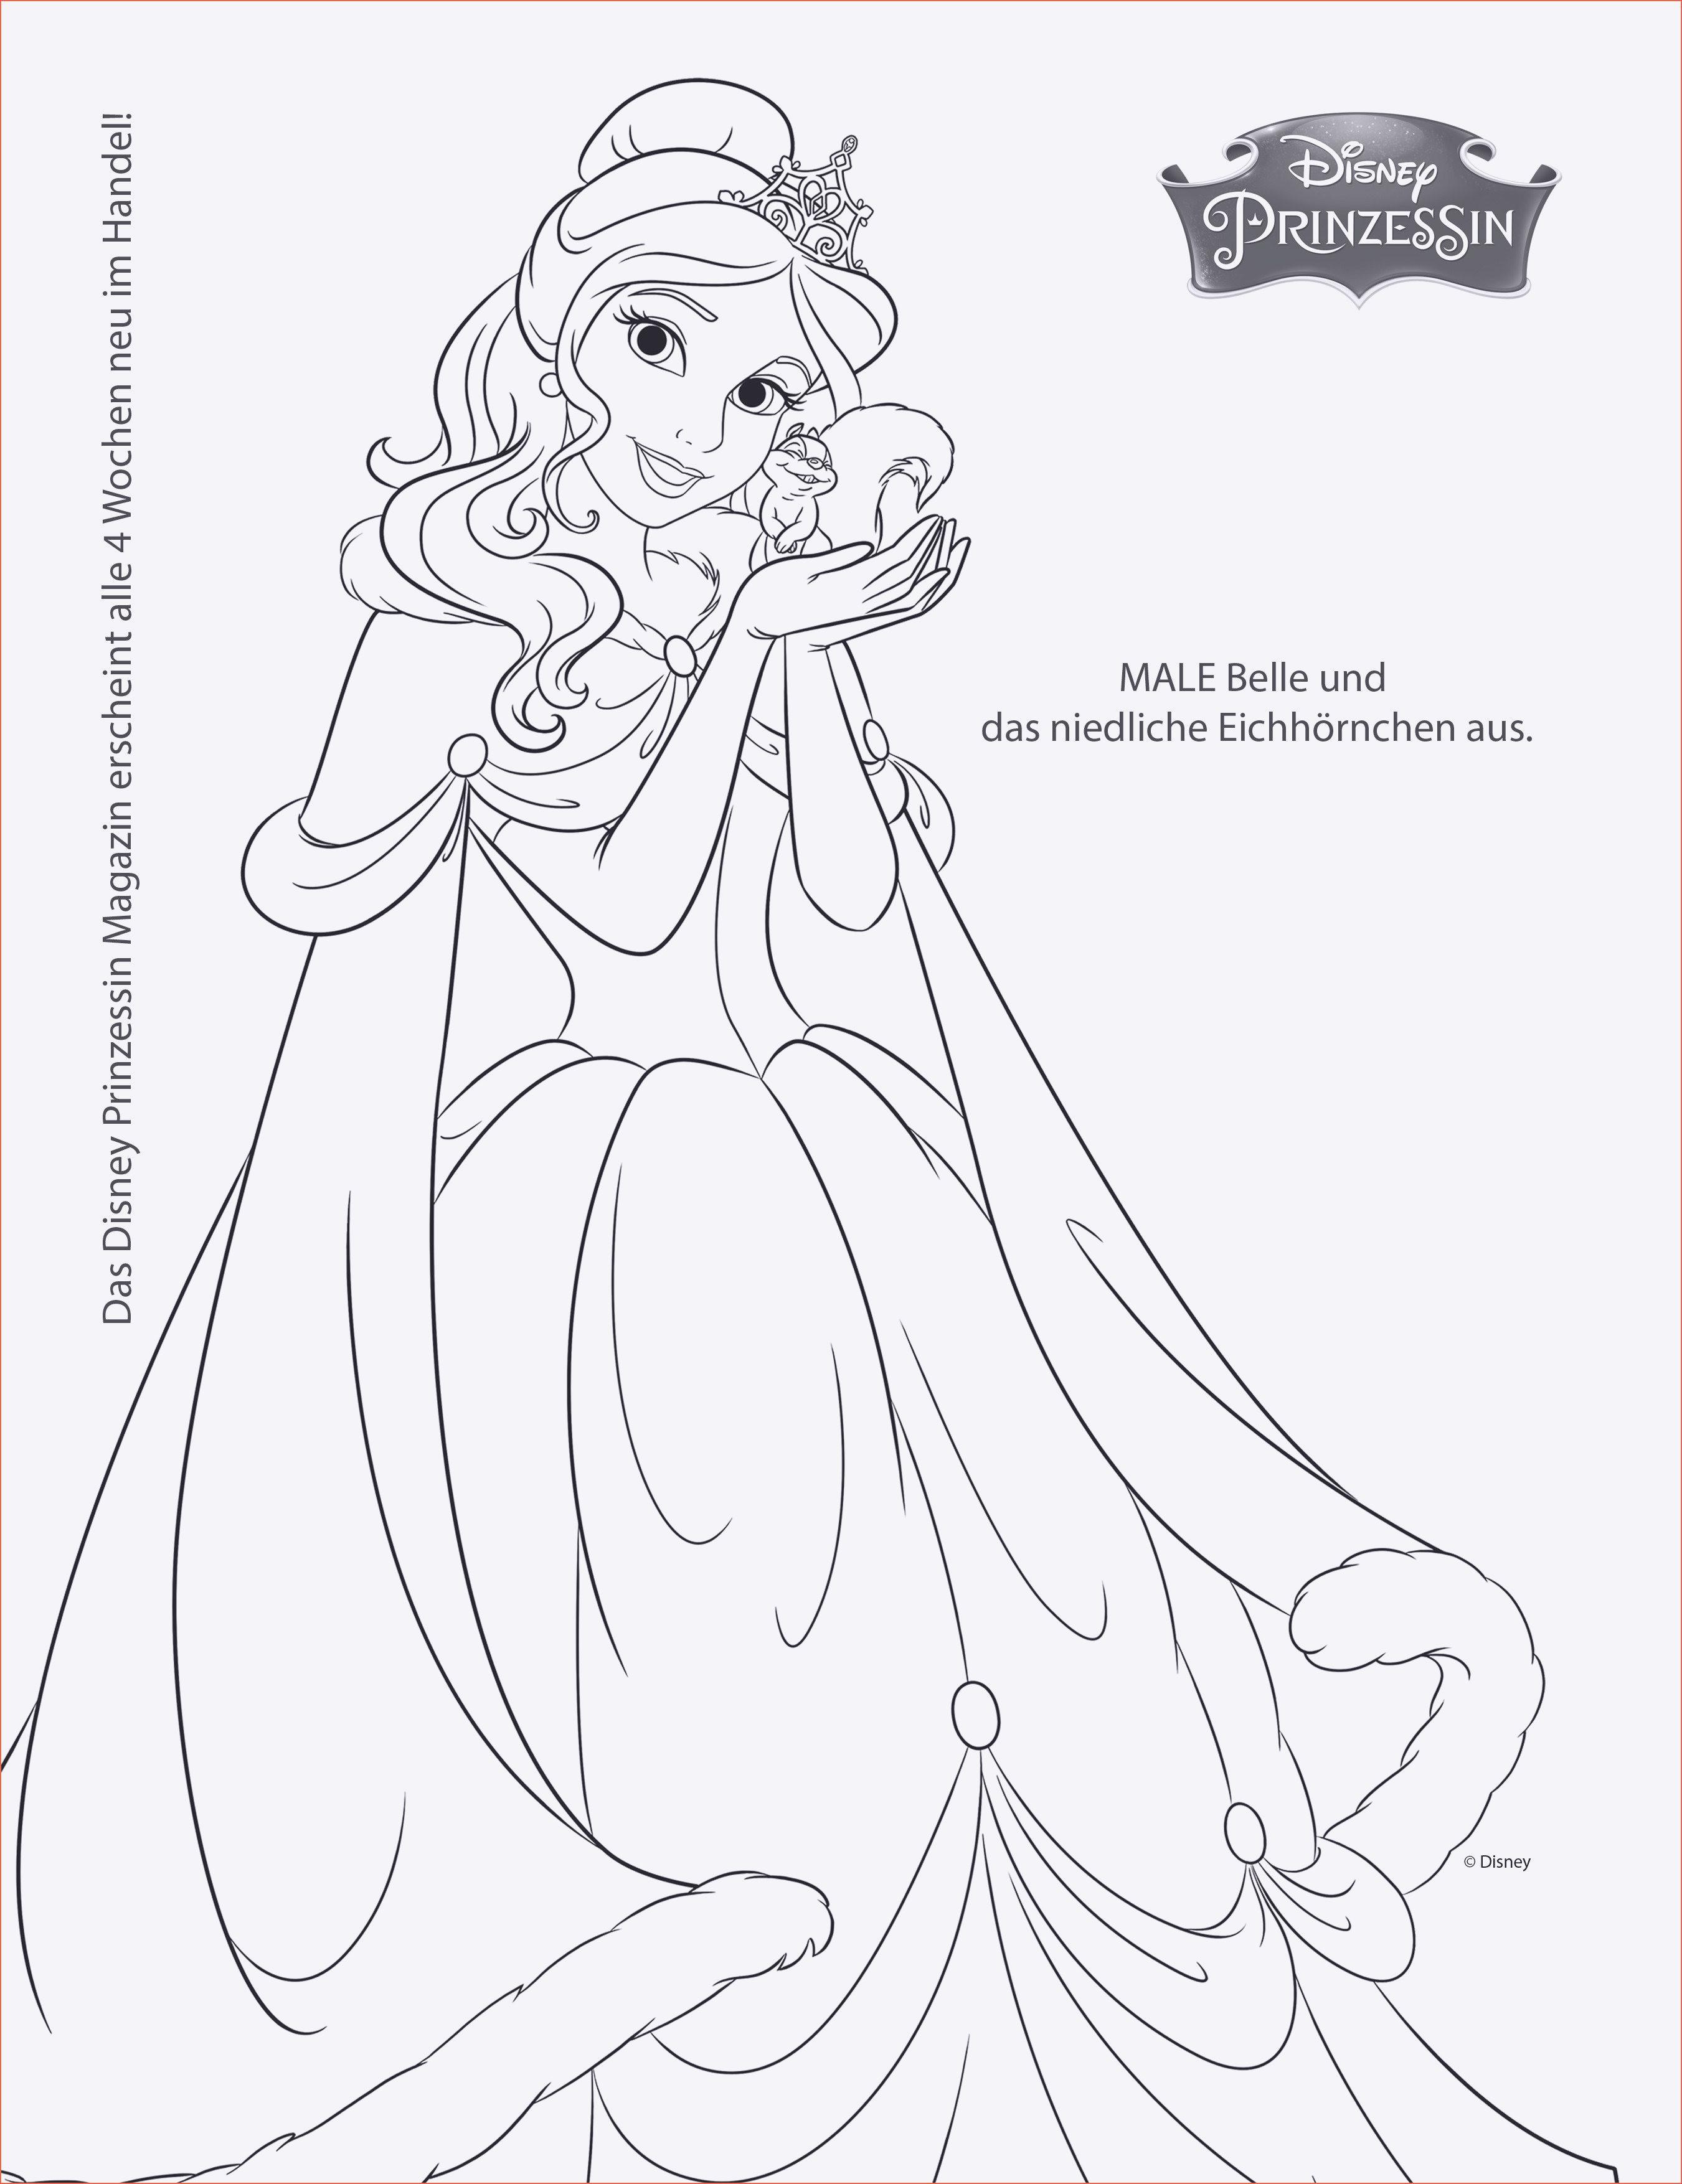 Ausmalbilder Disney Kostenlos Das Beste Von Bilder Zum Ausmalen Und Ausdrucken Disney 8 Baby Disney Sammlung